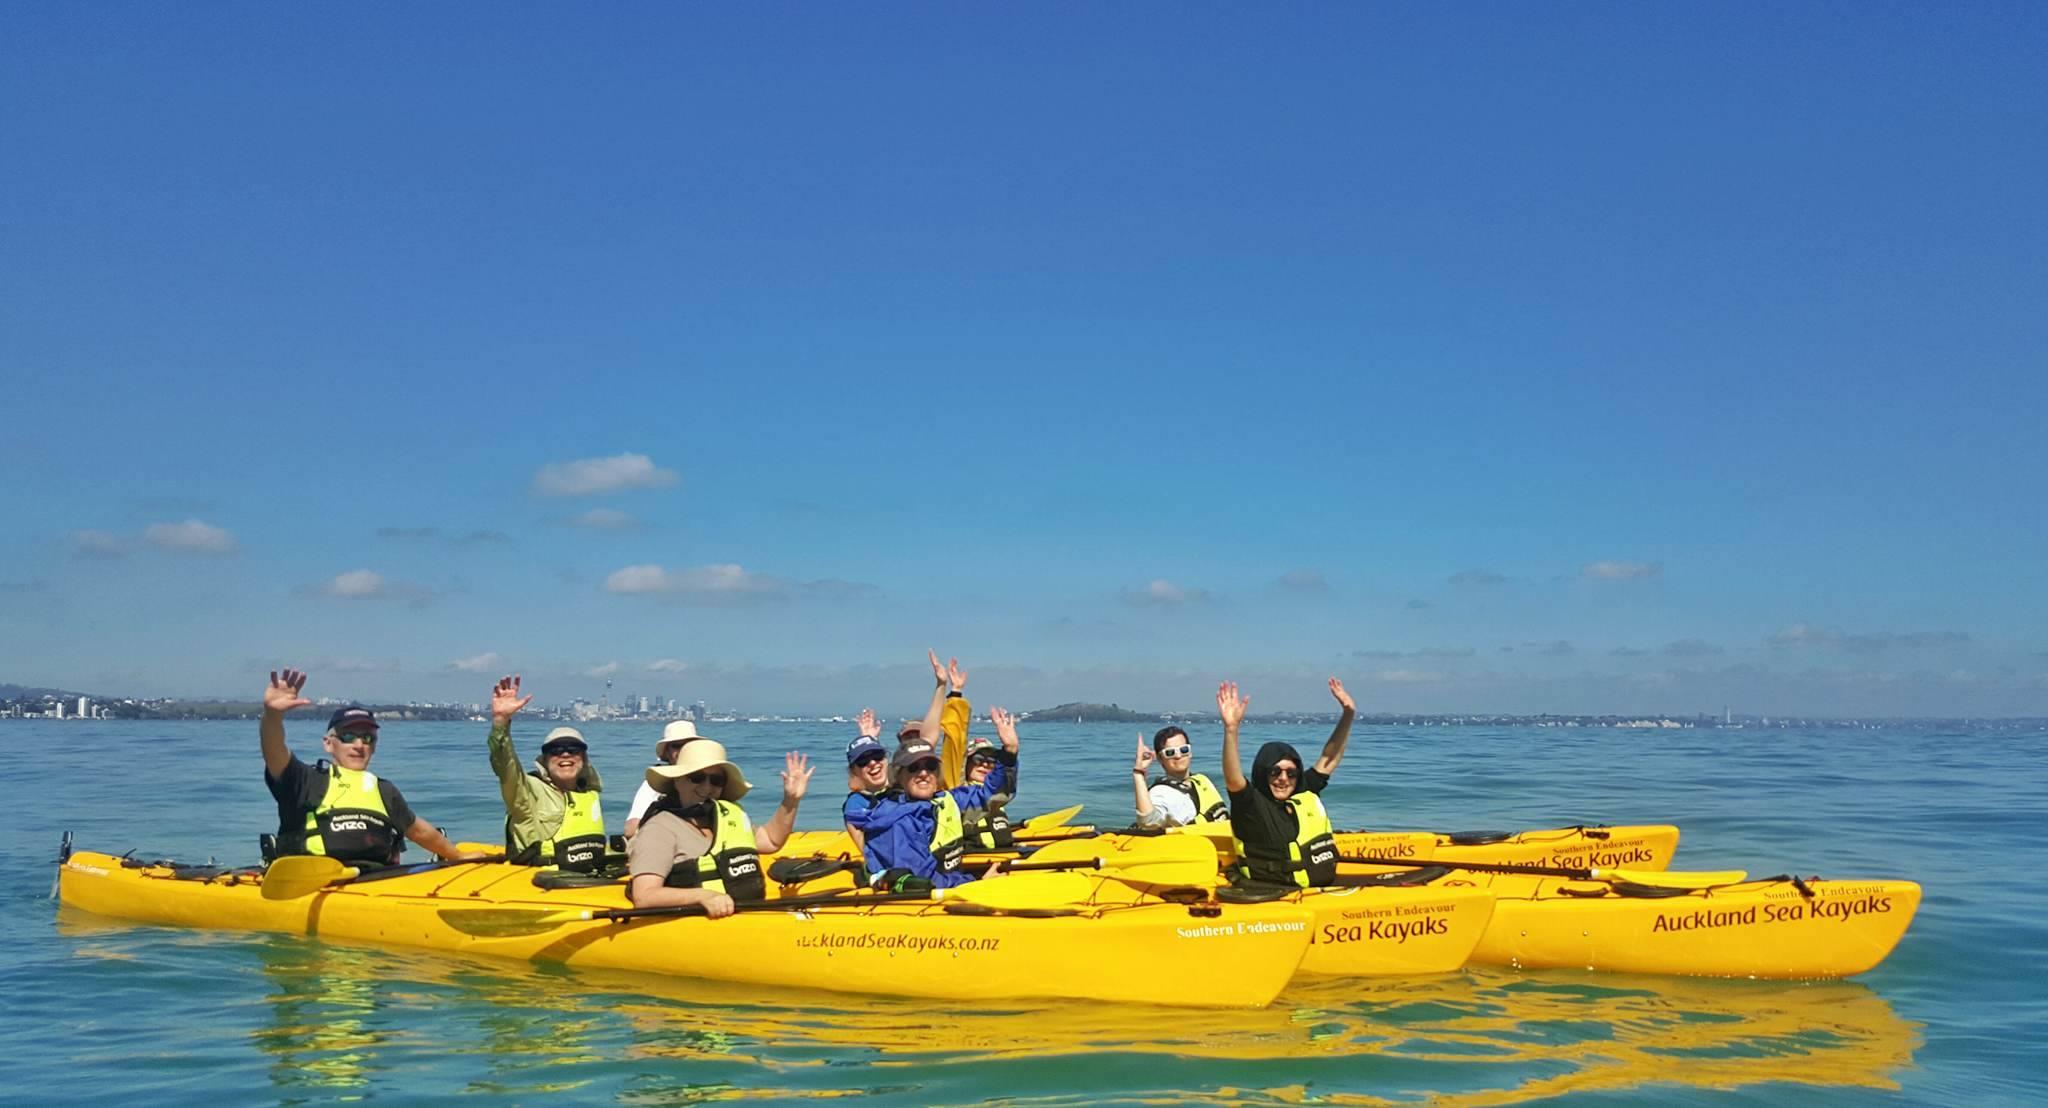 Auckland New Zealand Kayak